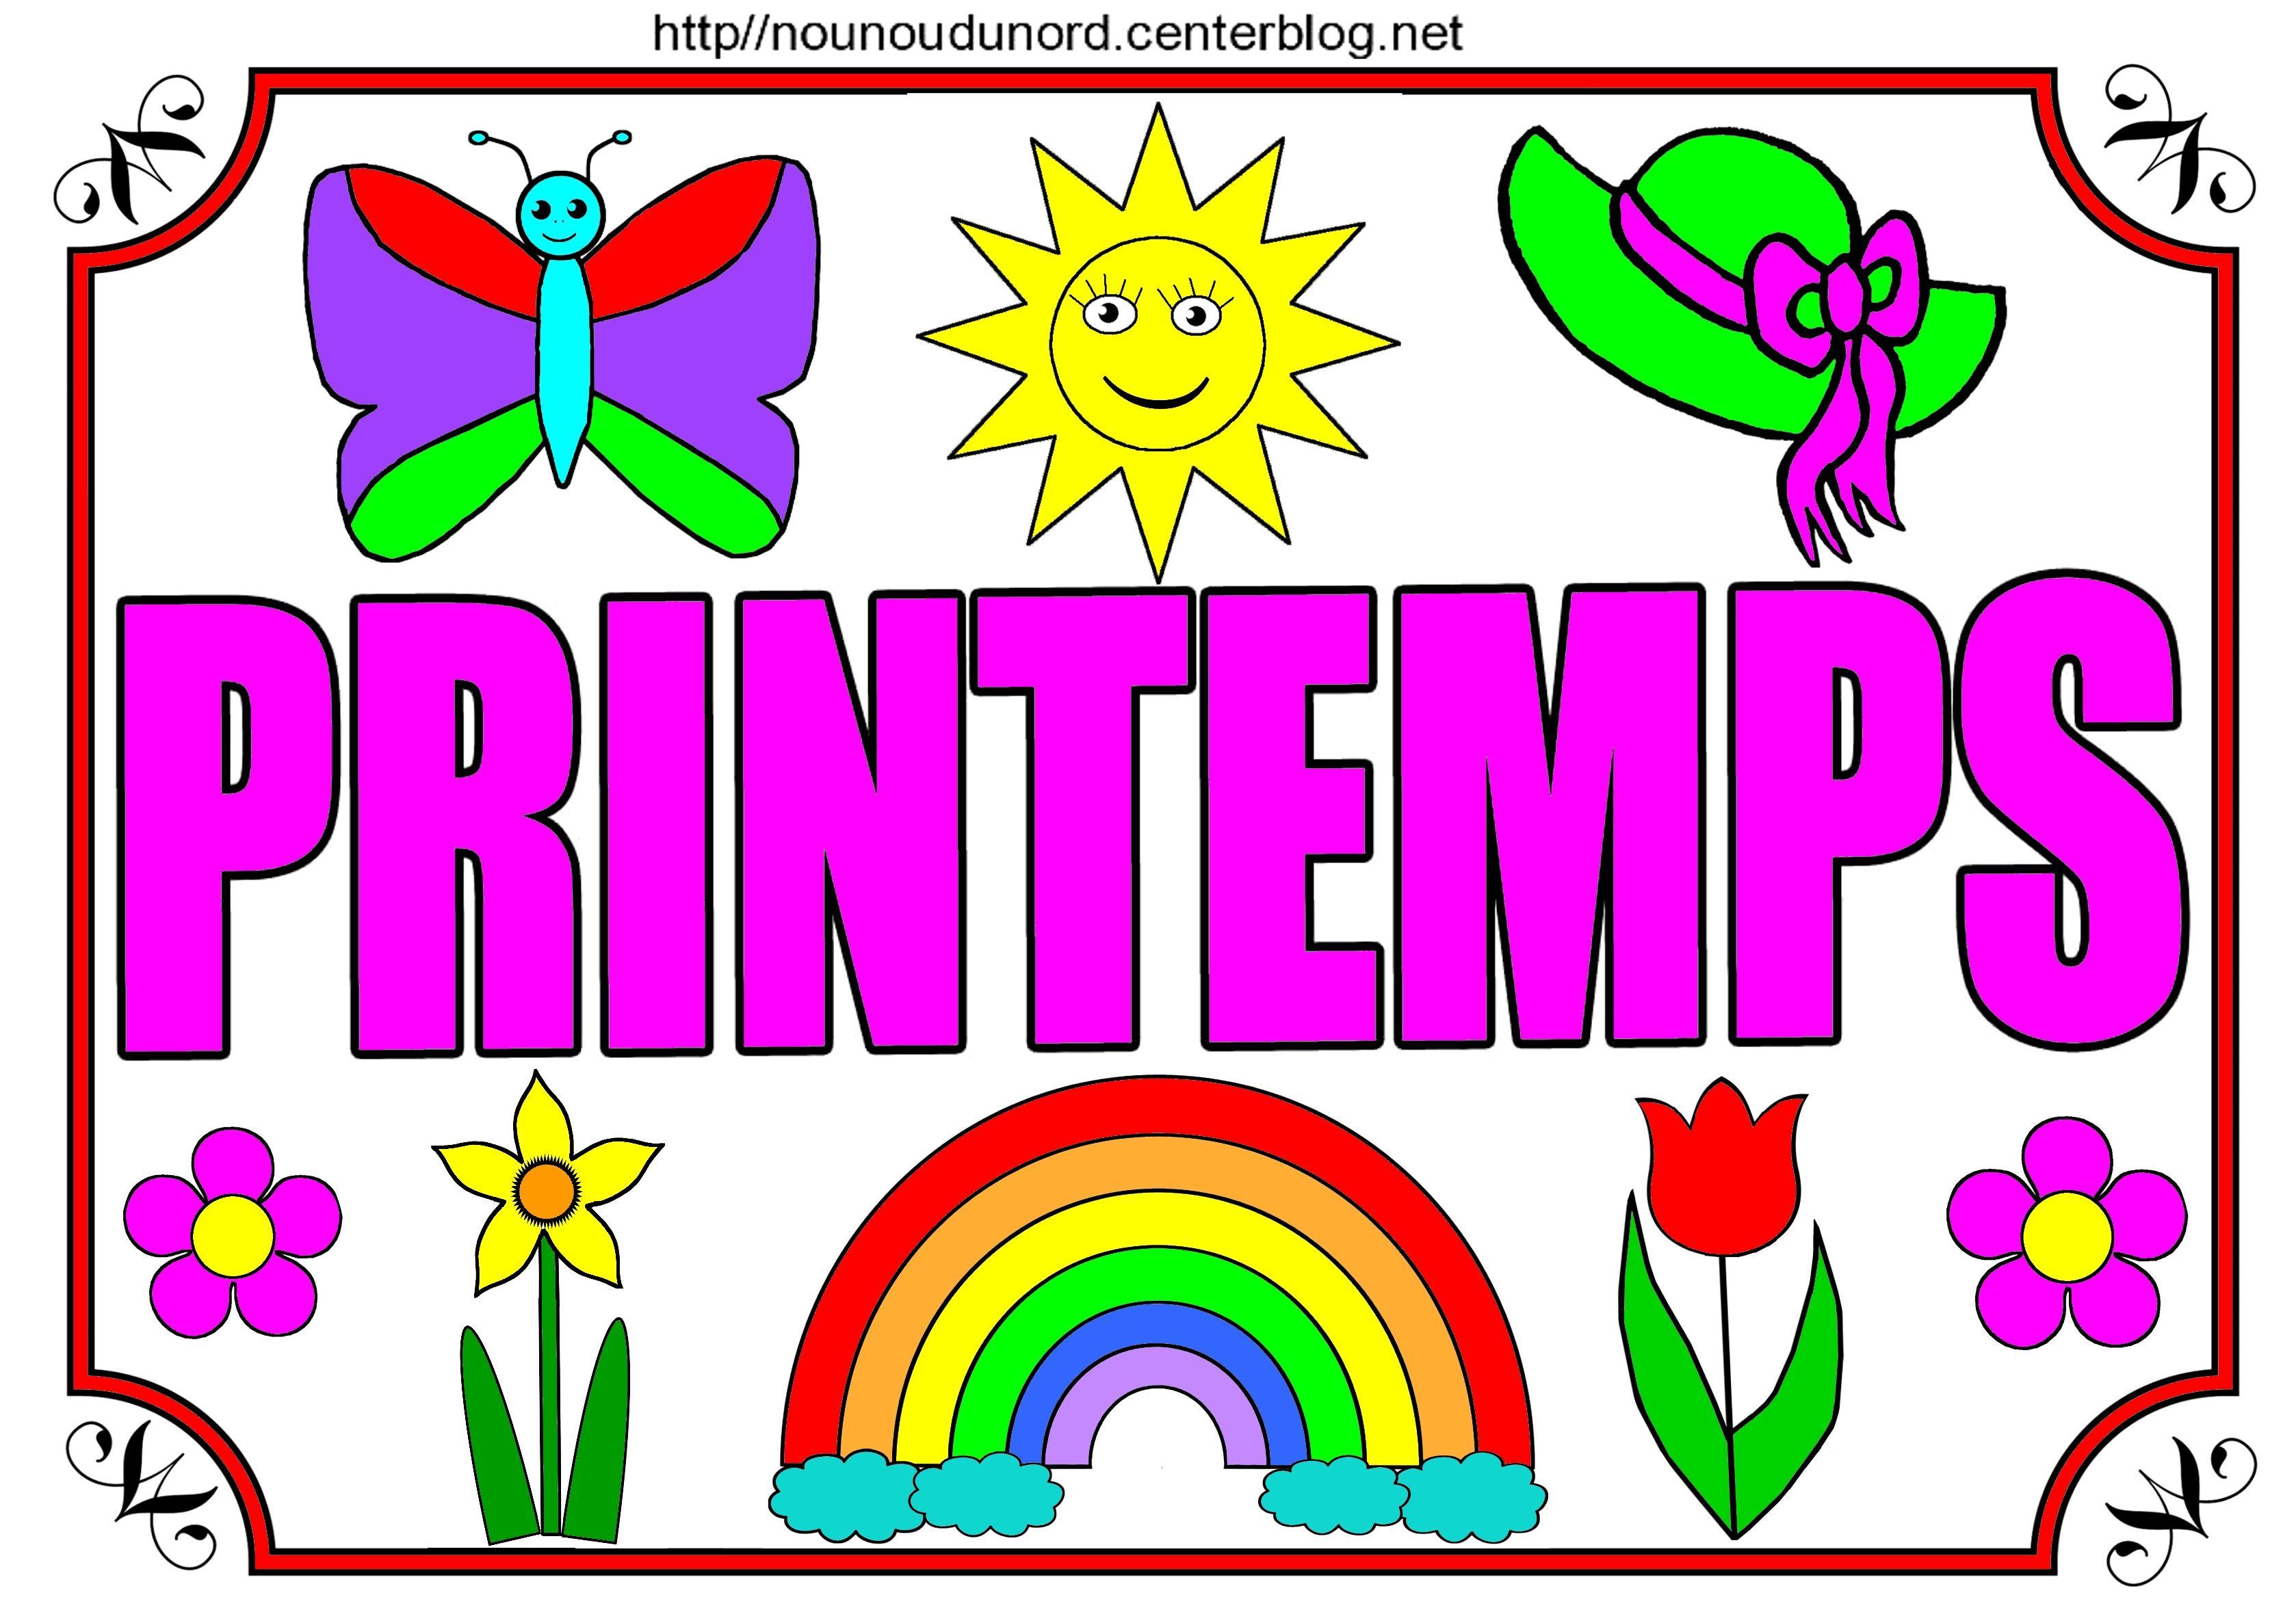 Printemps colorier gommettes en couleur et coller les gommettes ou dessiner autour du mot - Image du printemps a colorier ...